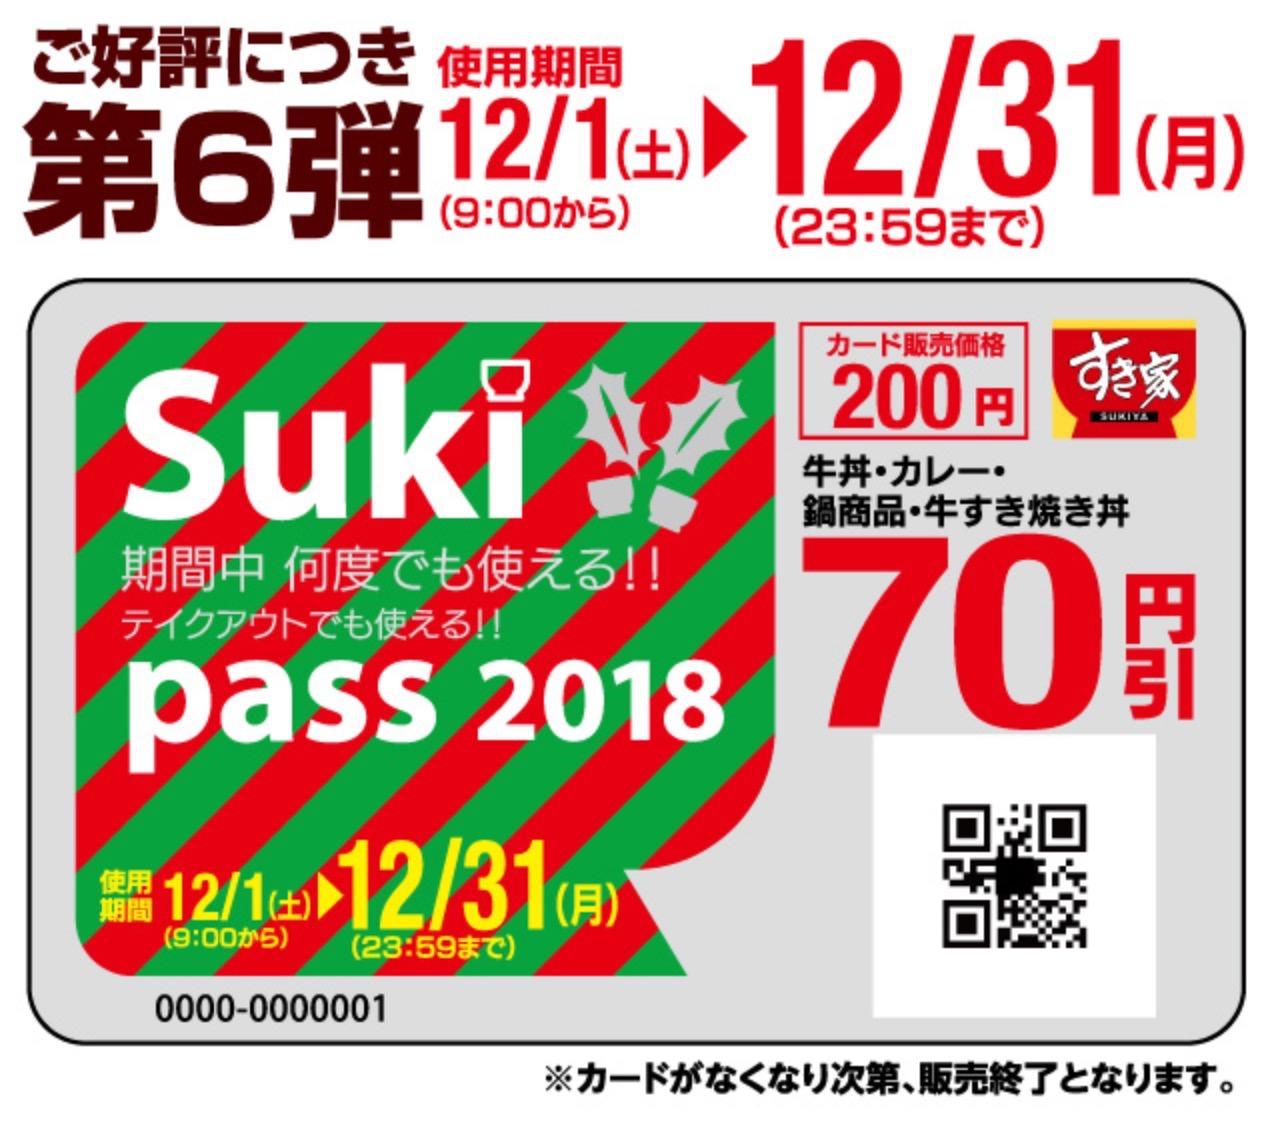 【すき家】牛丼・カレーが70円引きになるお得な200円のカード「Suki pass」発売中(12/31まで)